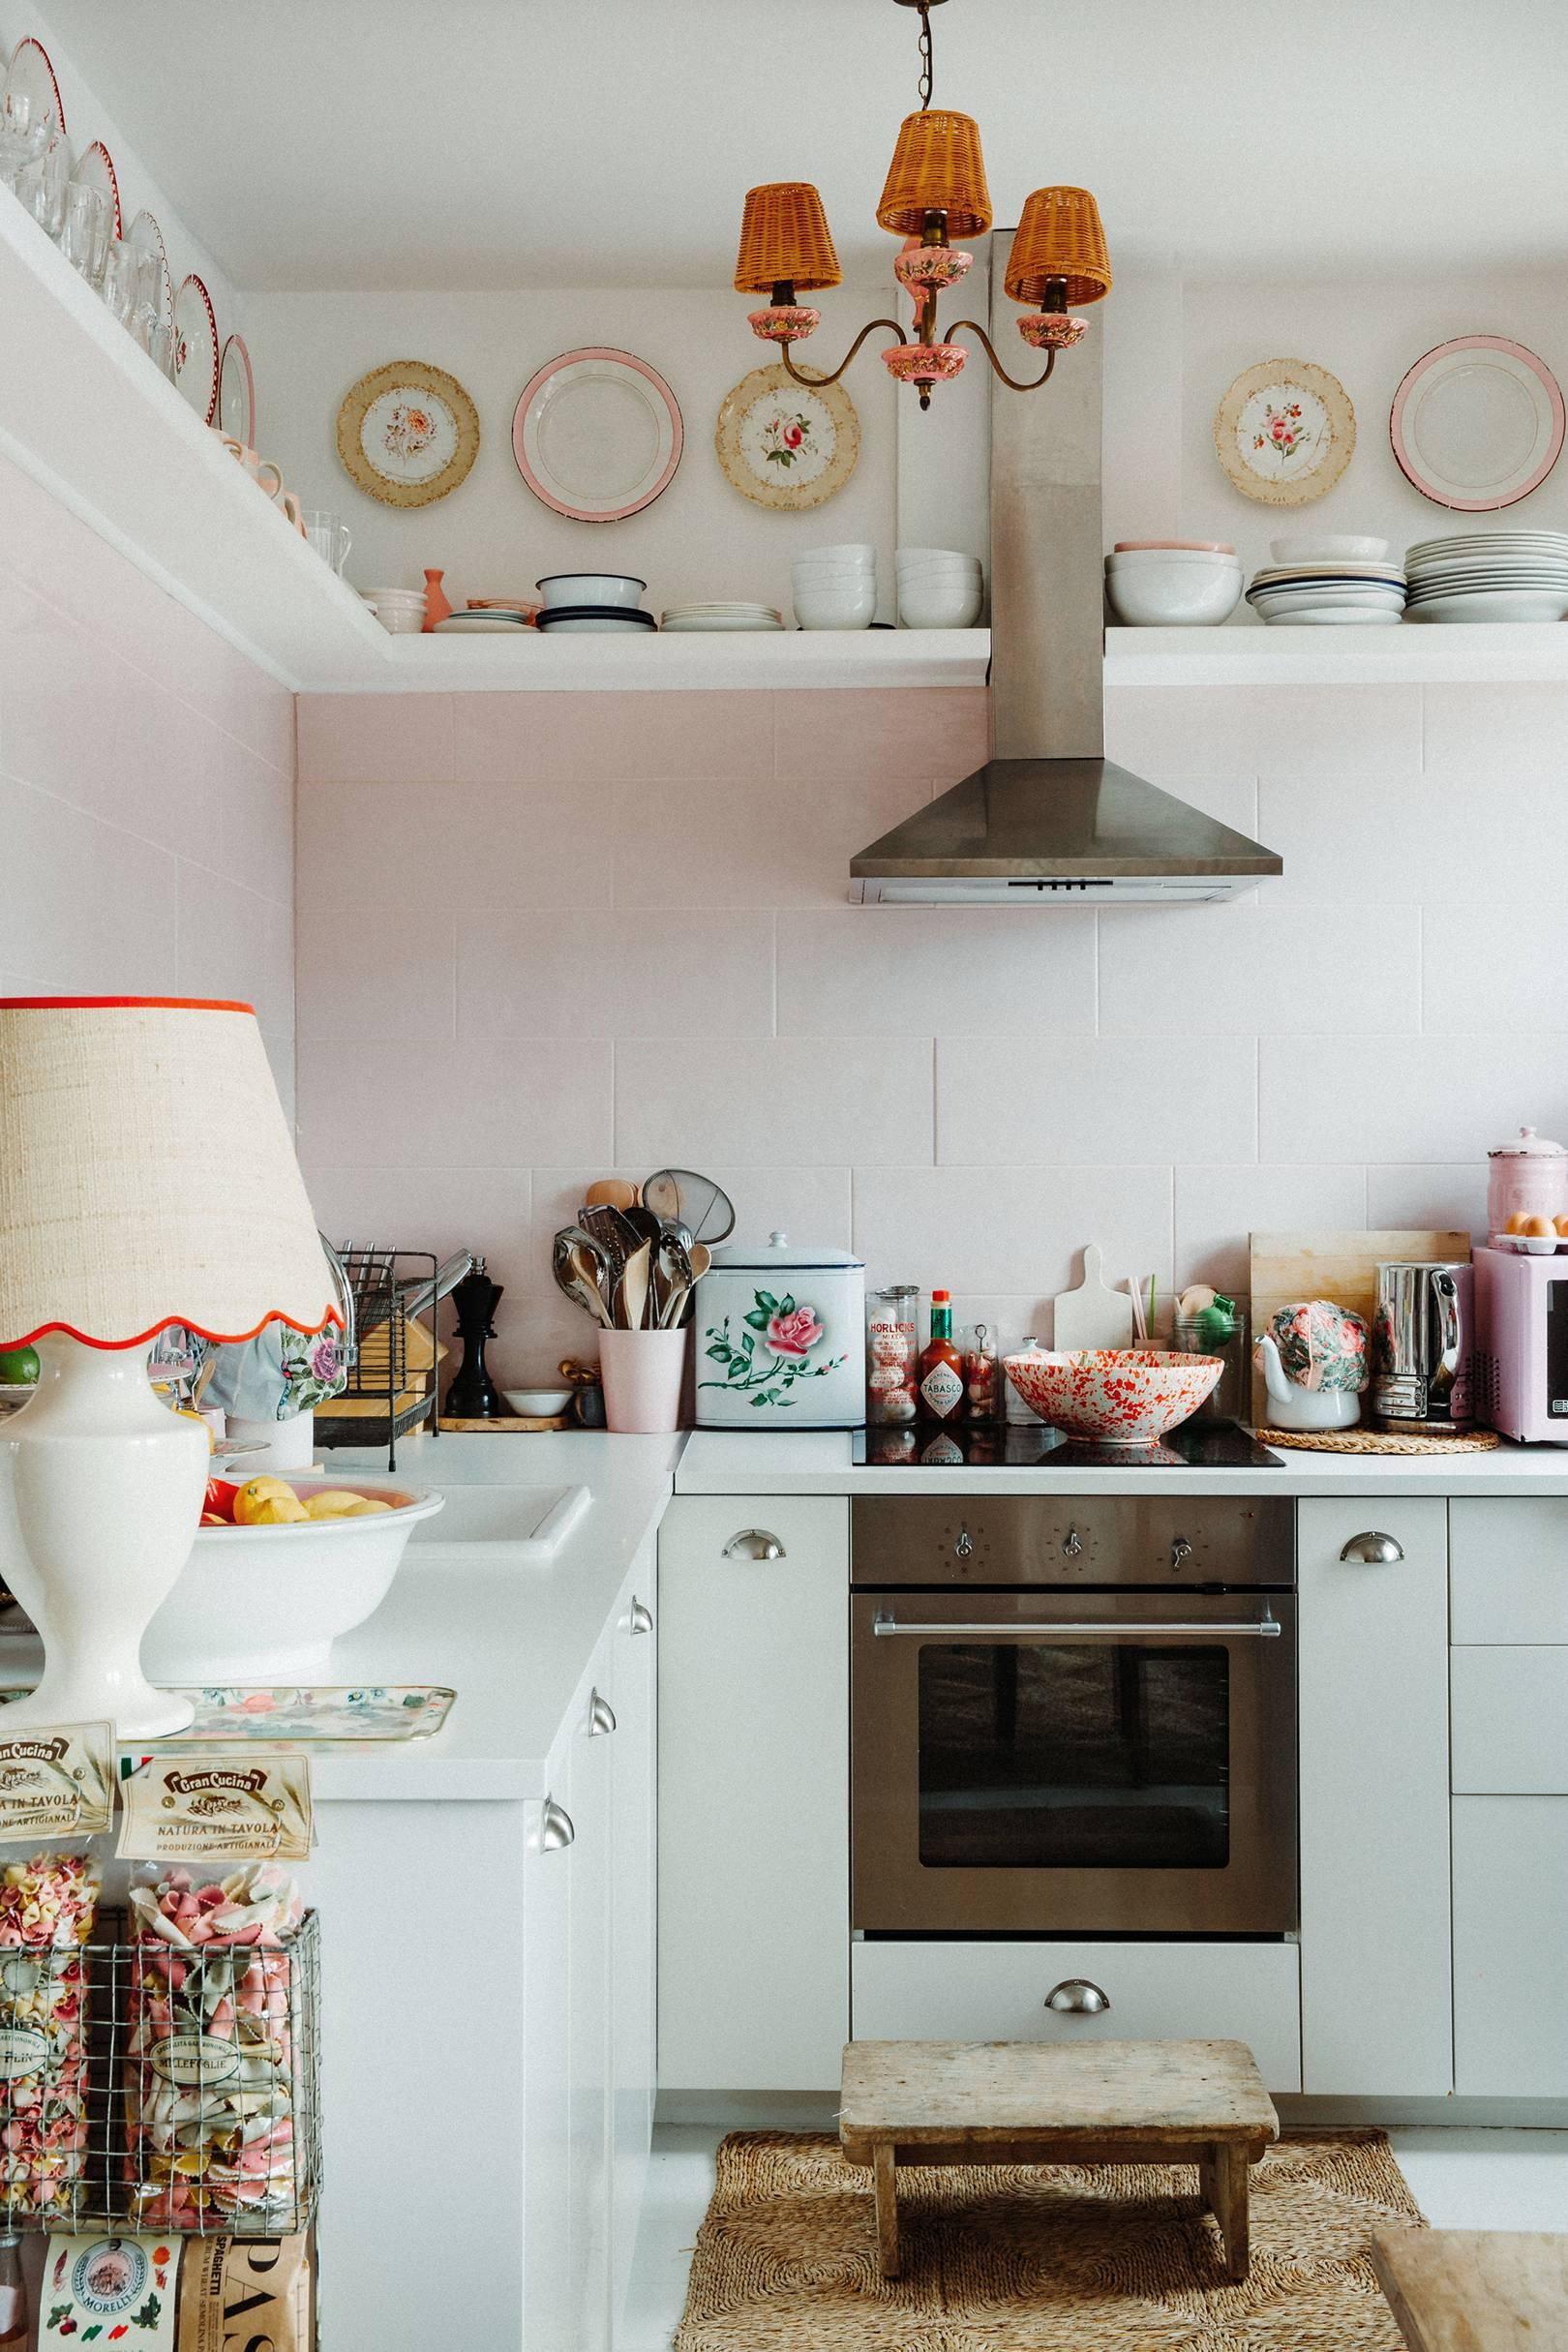 vibes de cuisine chic minable | visite de la maison de la dent violette